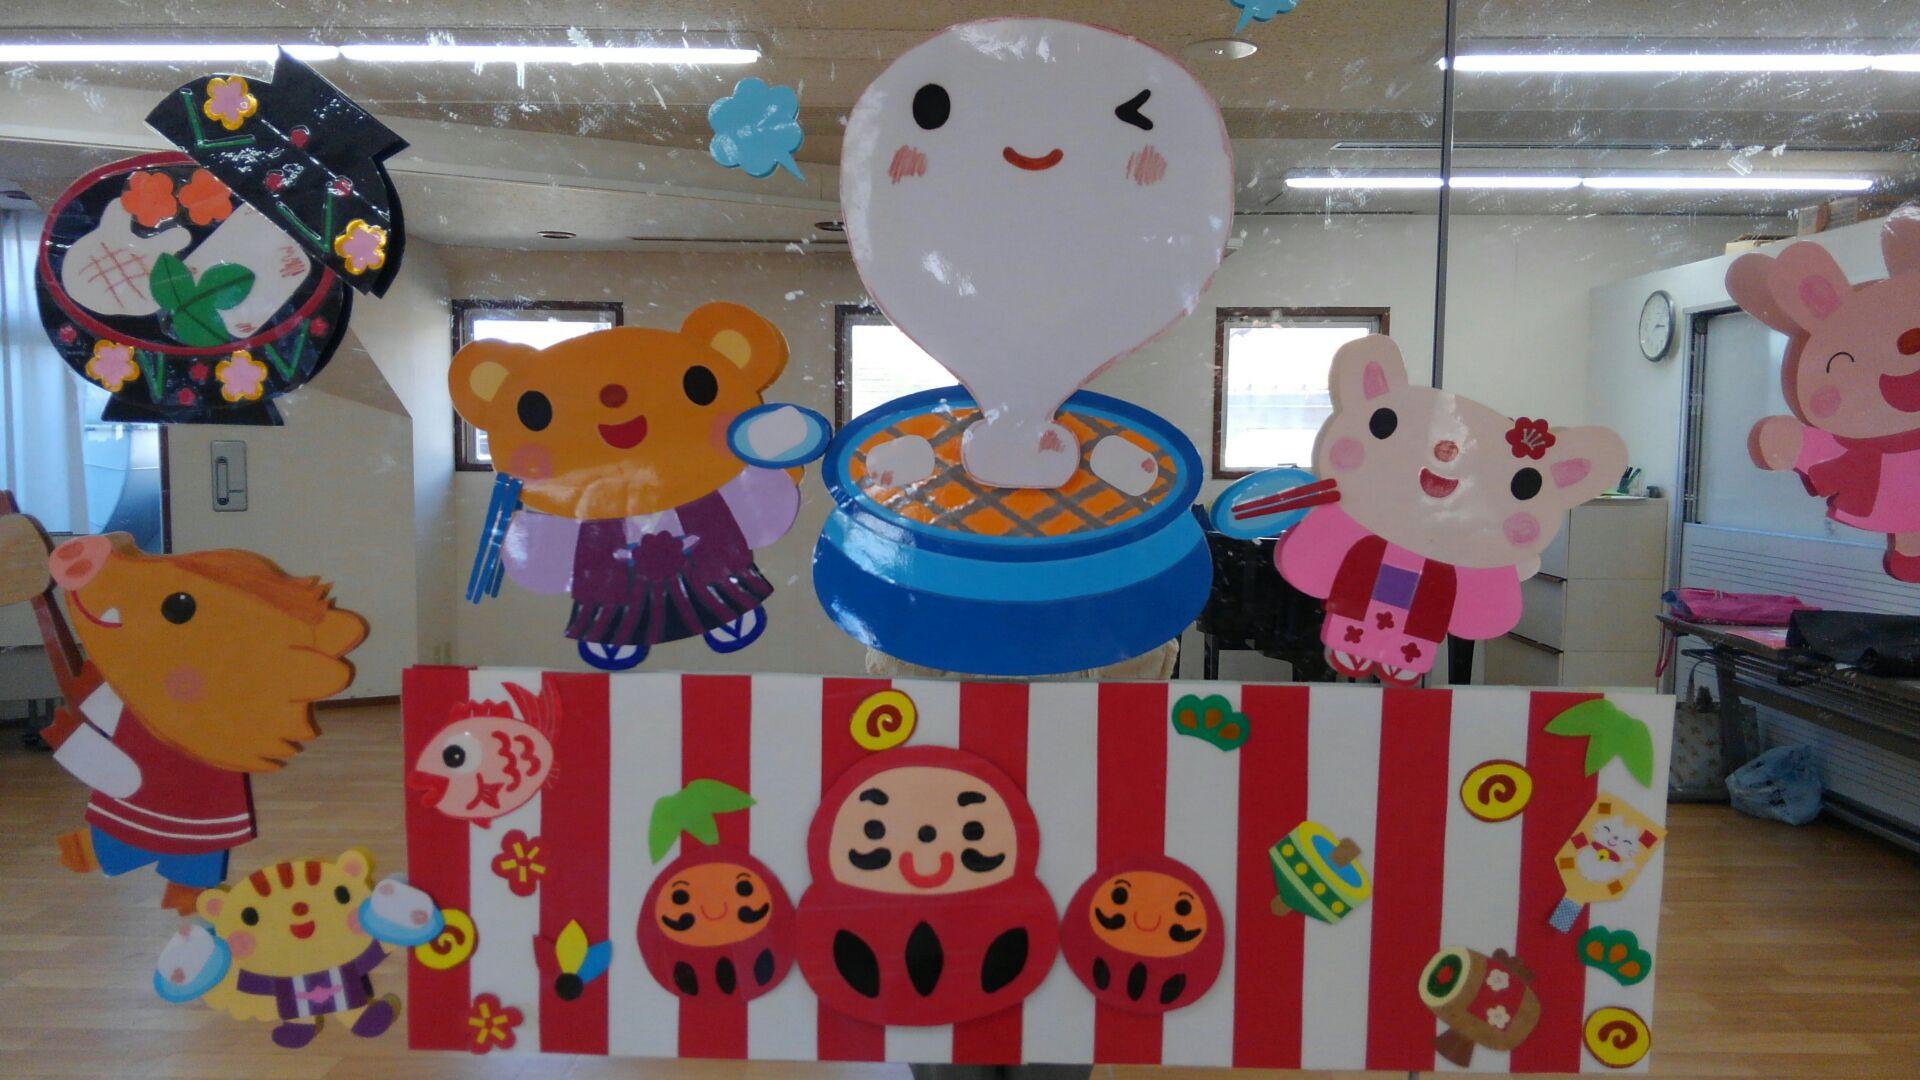 リトミックが開催される教室の鏡に貼られた装飾。動物さんが振袖を着ていたりお餅に可愛い顔が描かれています。